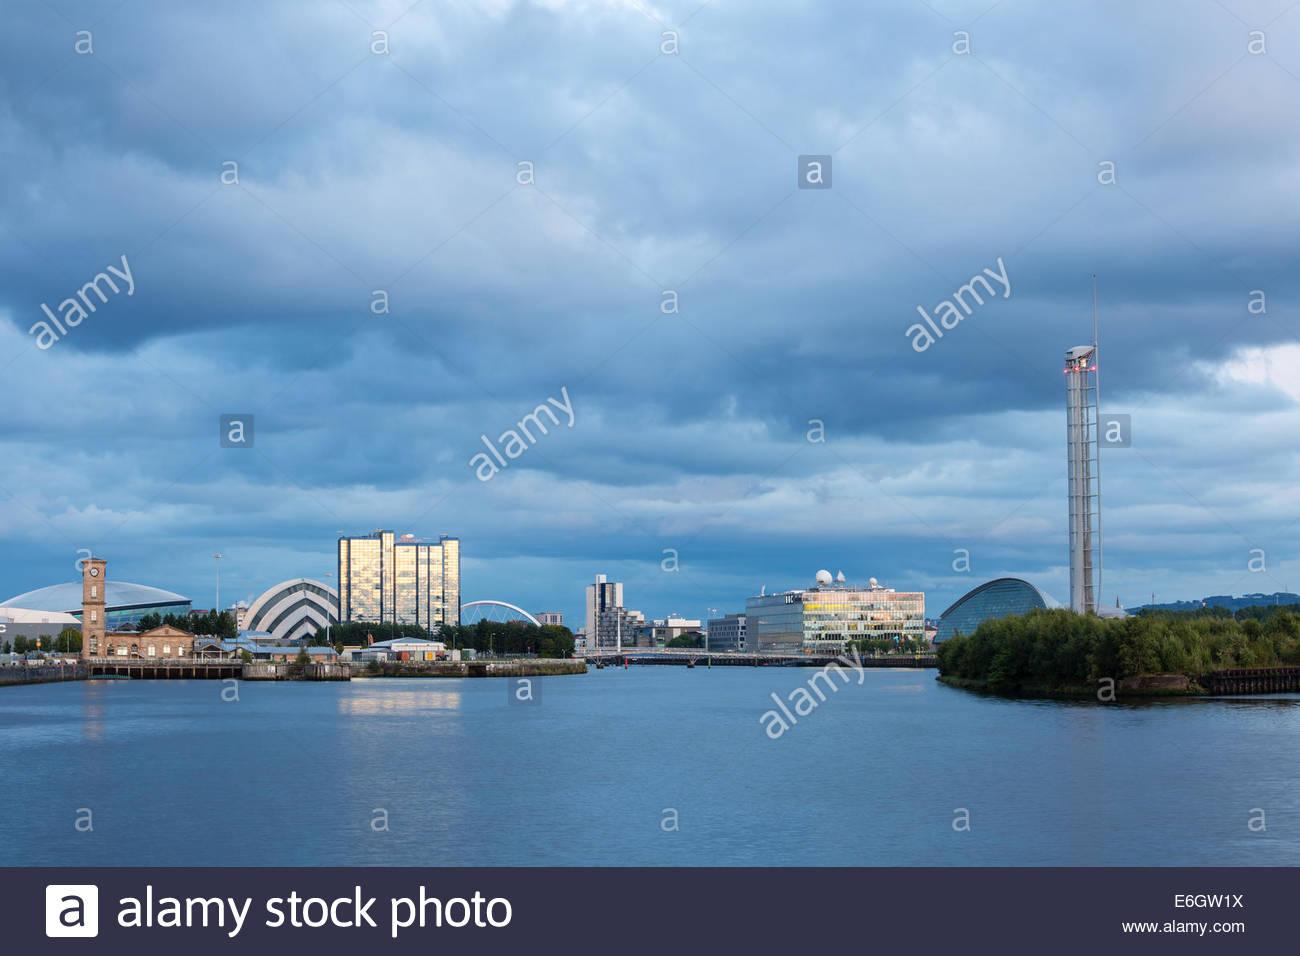 Les bâtiments de Clyde River, Glasgow, Écosse Banque D'Images